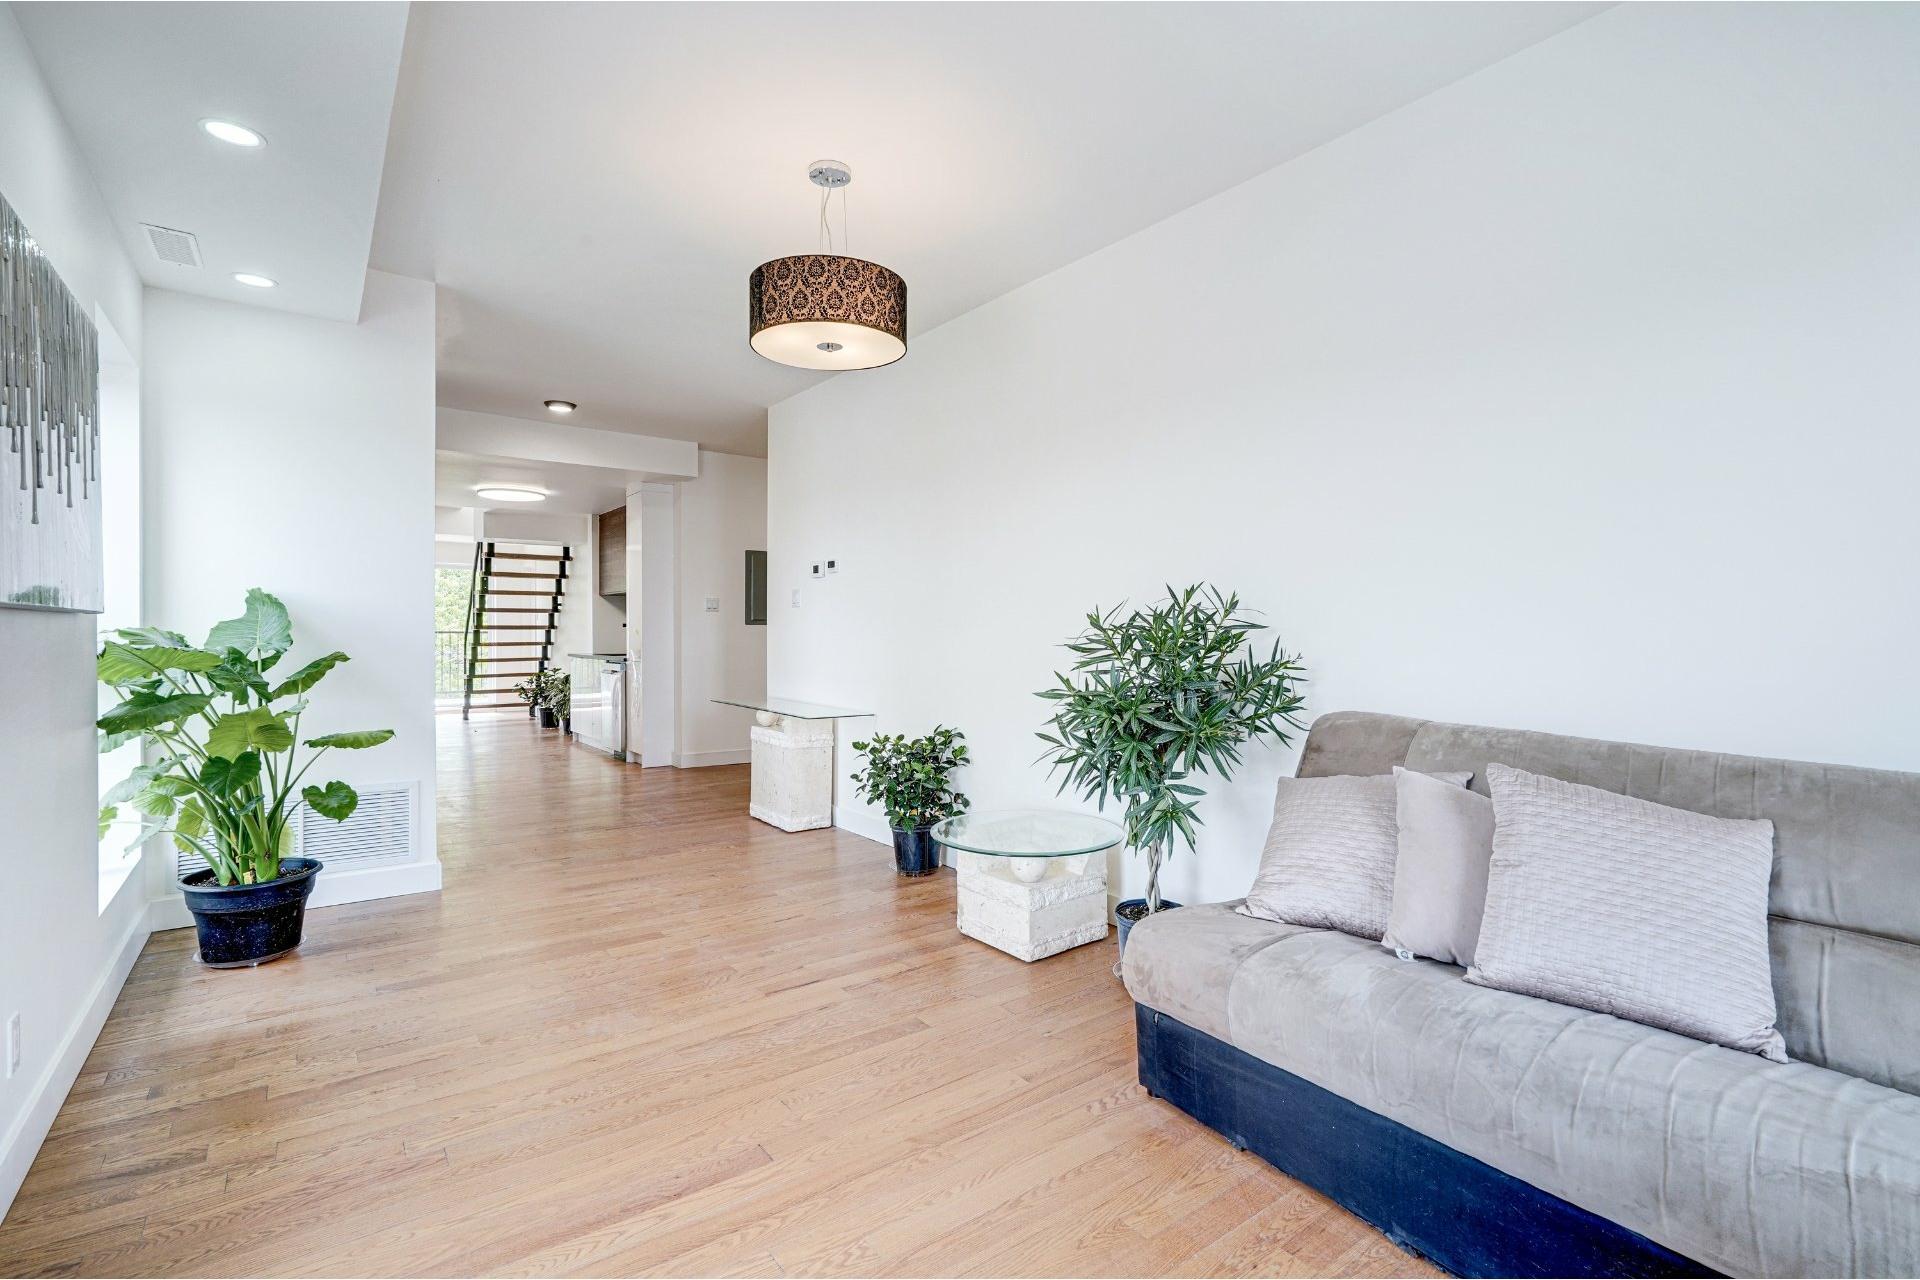 image 21 - Apartment For sale Lachine Montréal  - 6 rooms